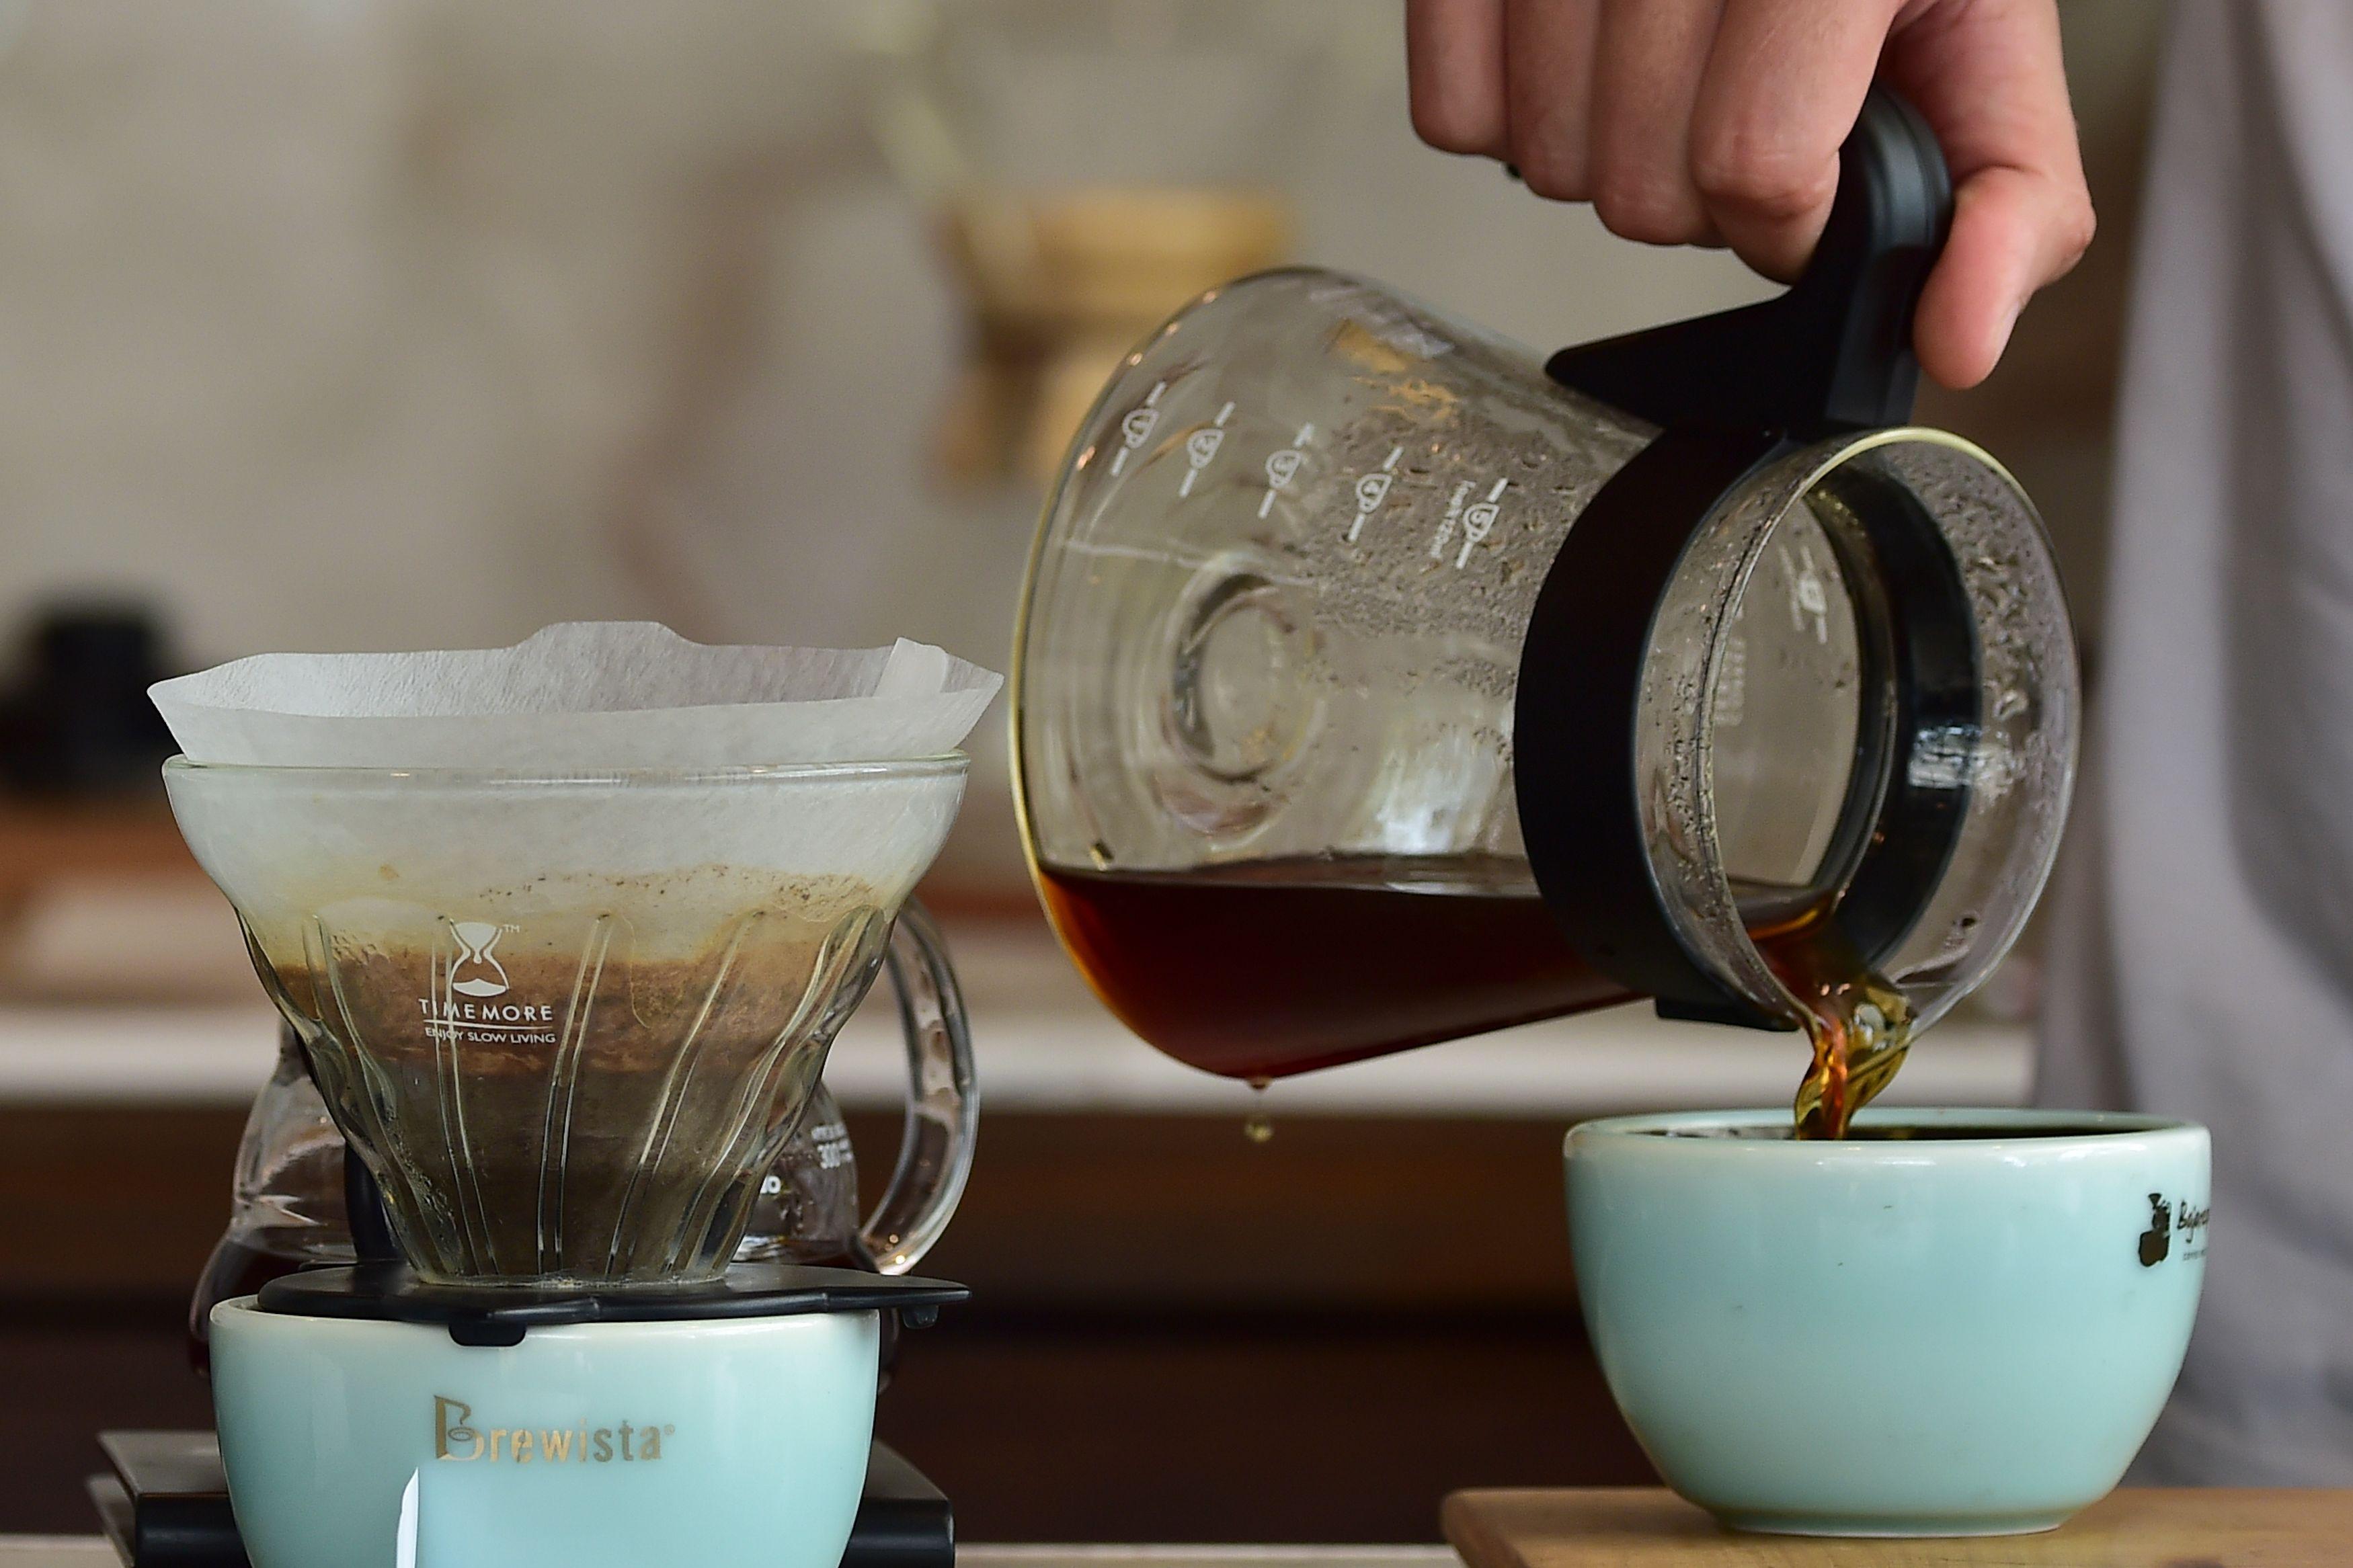 Por qué beber café te hace más feliz según la ciencia